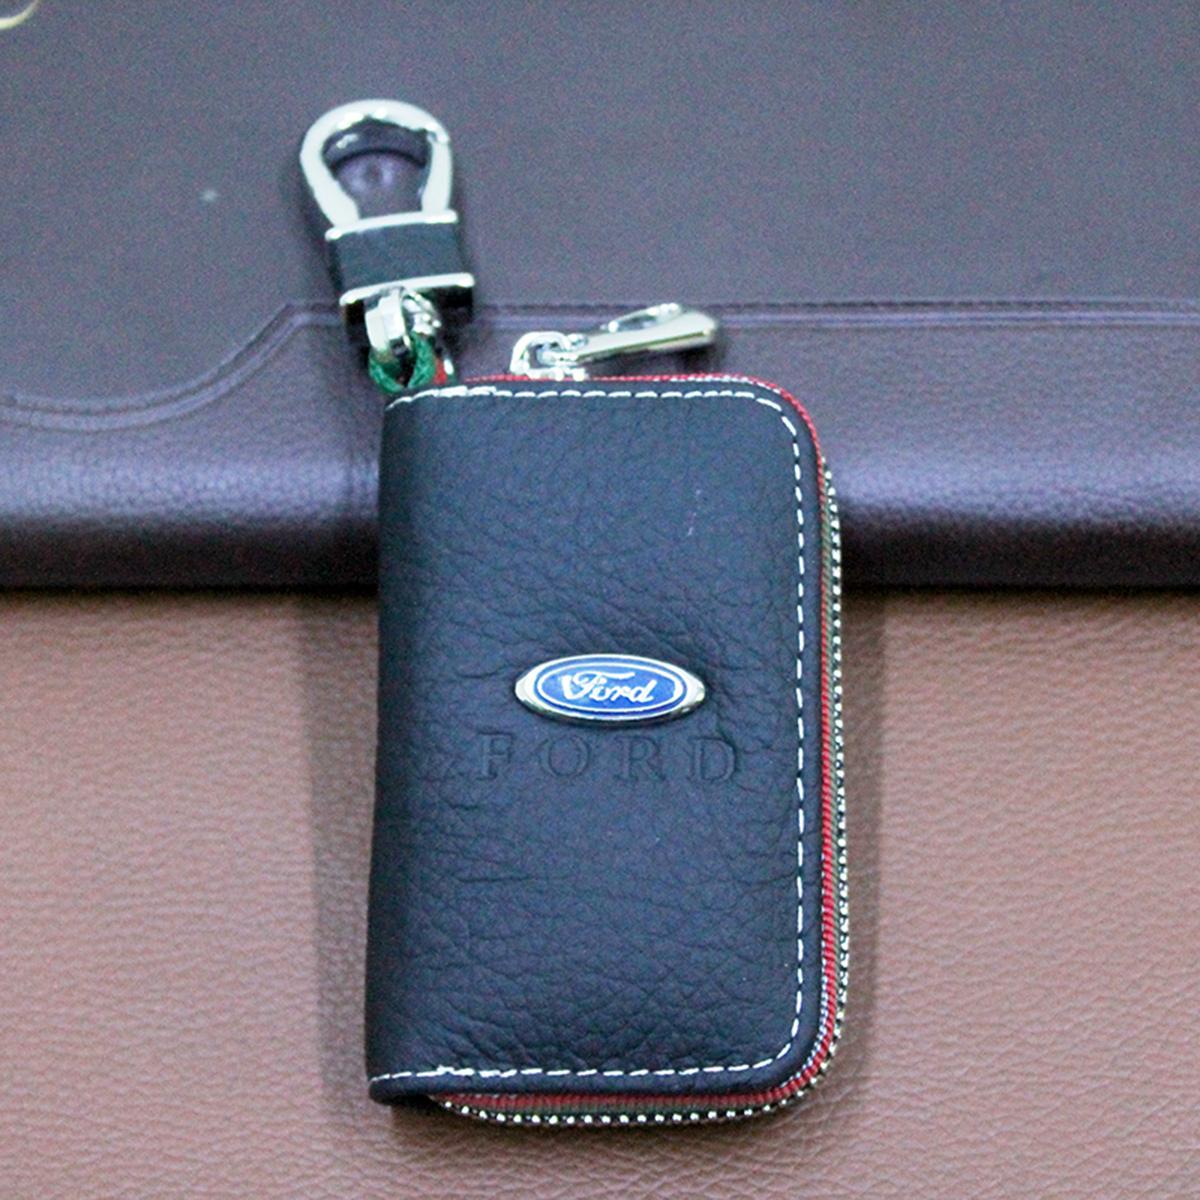 Bao da chìa khóa chất liệu cao cấp logo thương hiệu Ford cho xe hơi